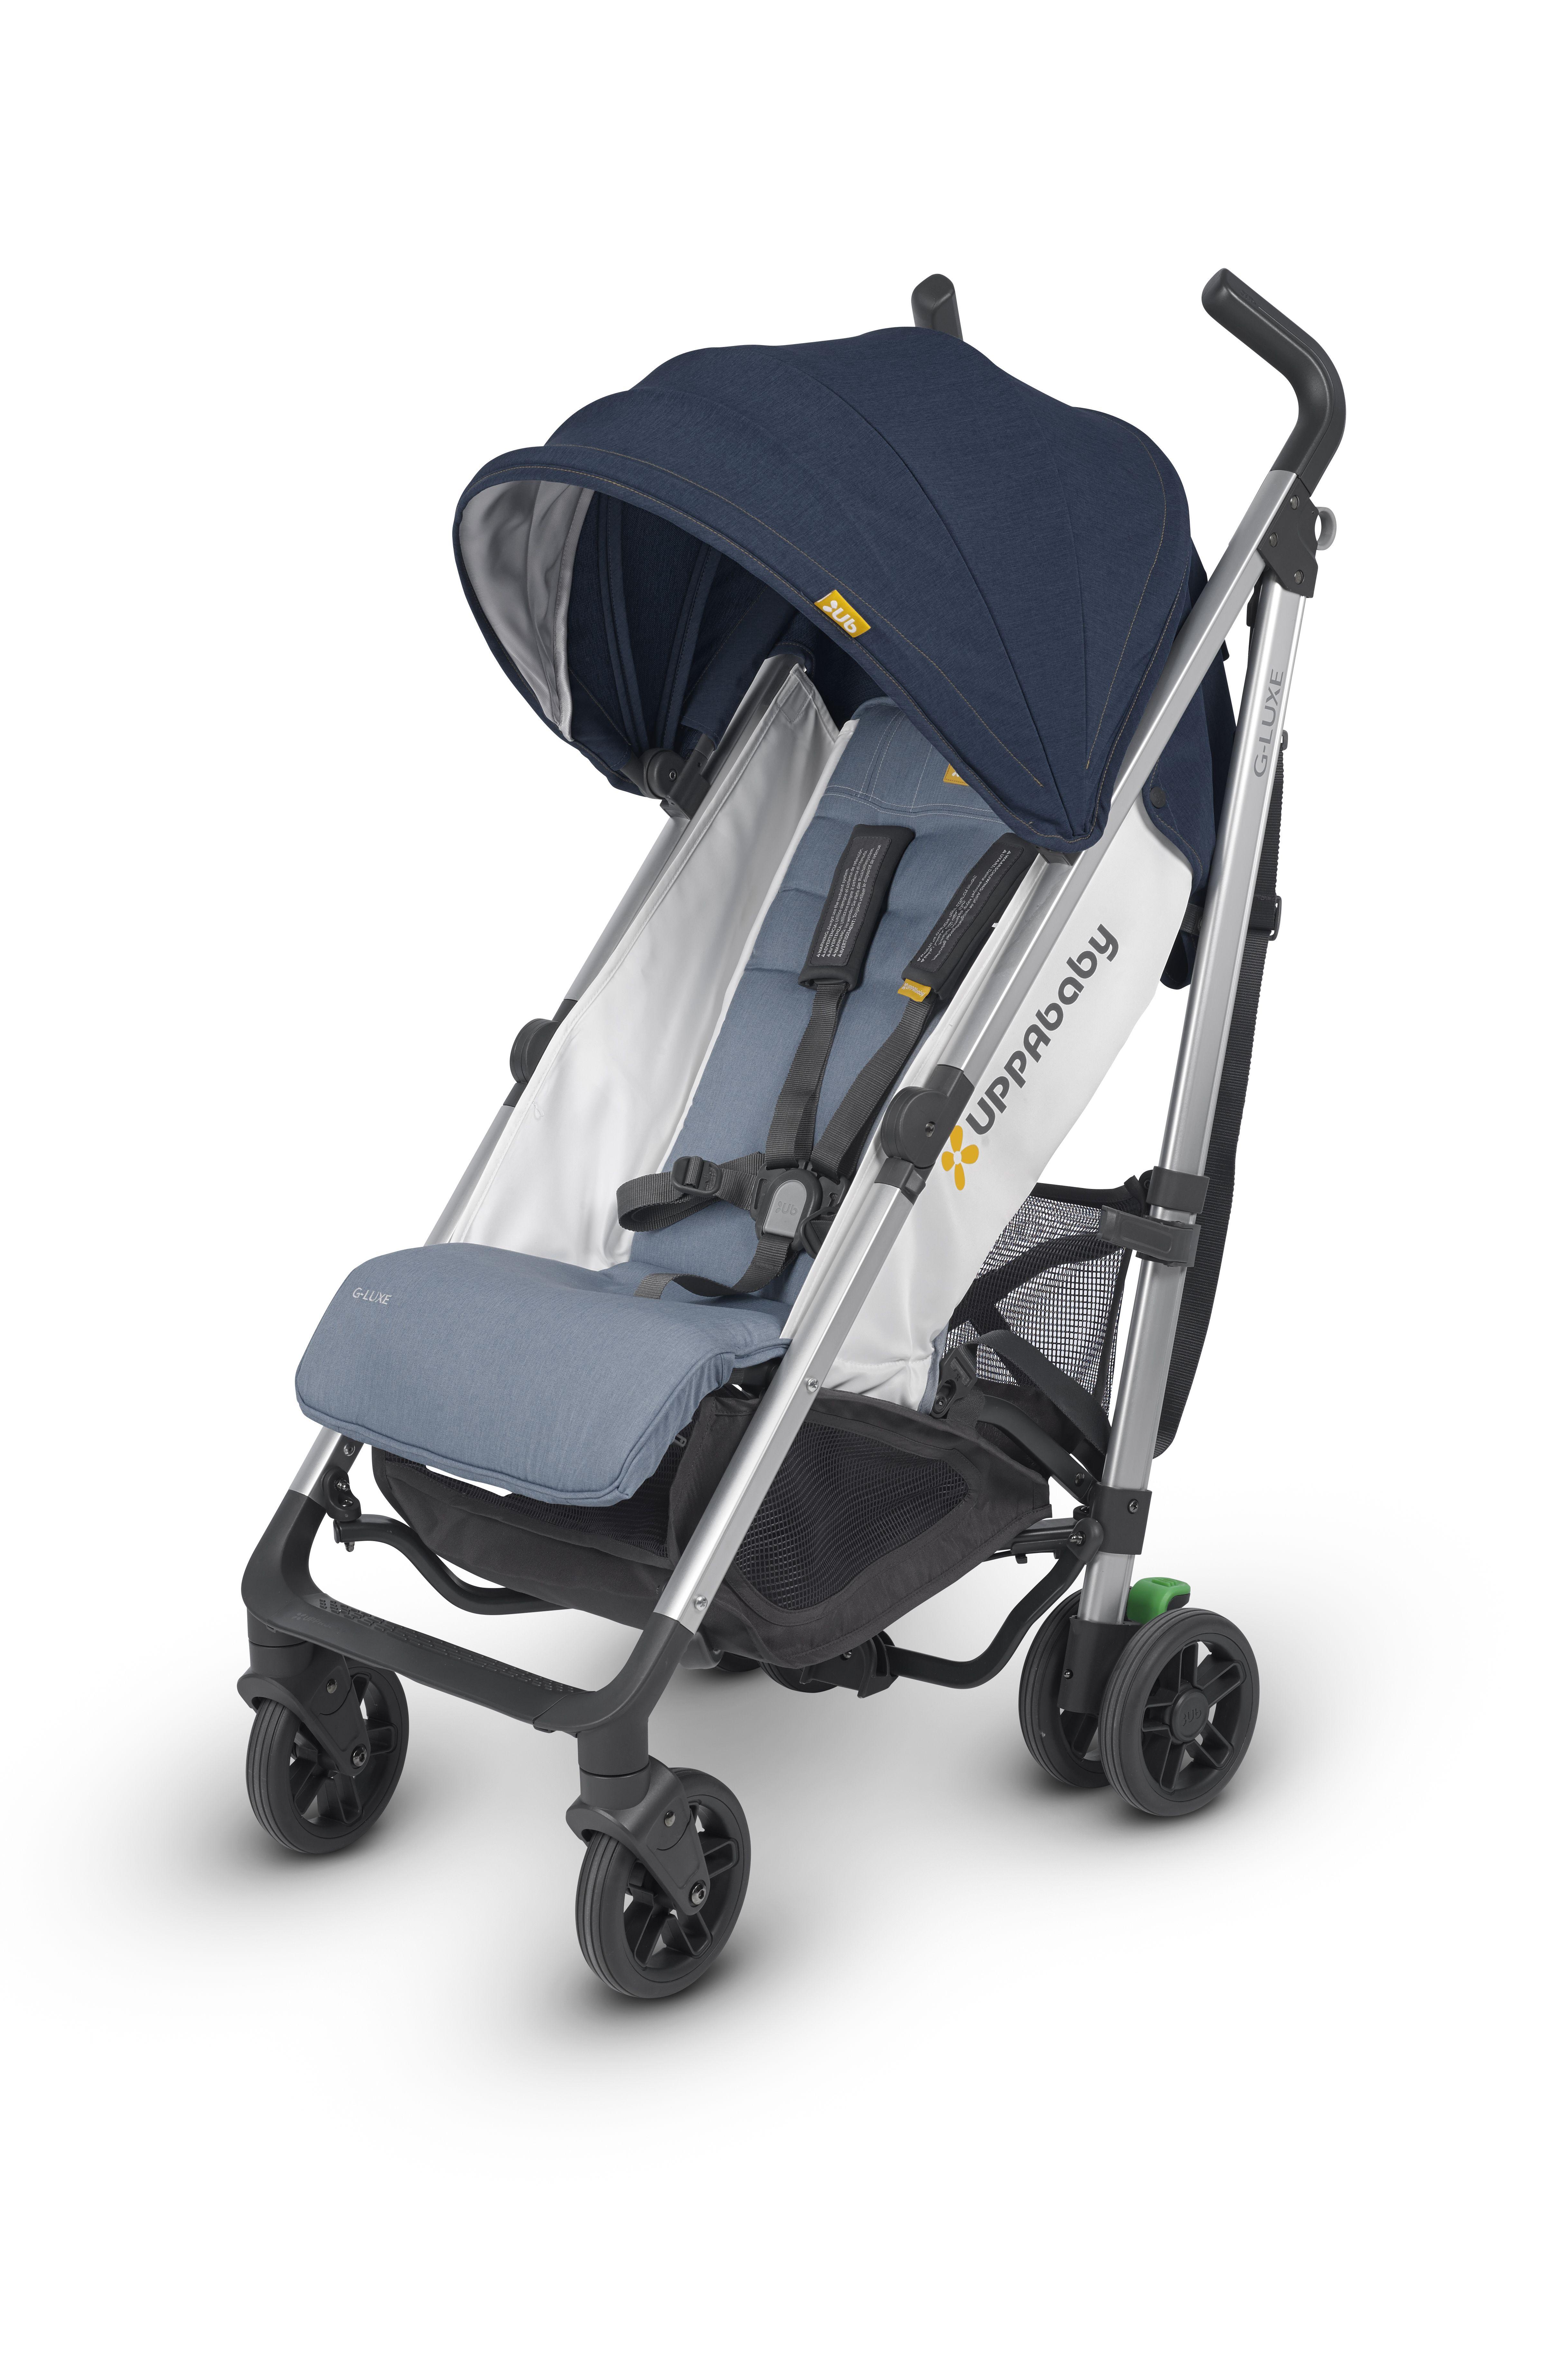 Aidan GLUXE Umbrella stroller, Toddler stroller, Baby